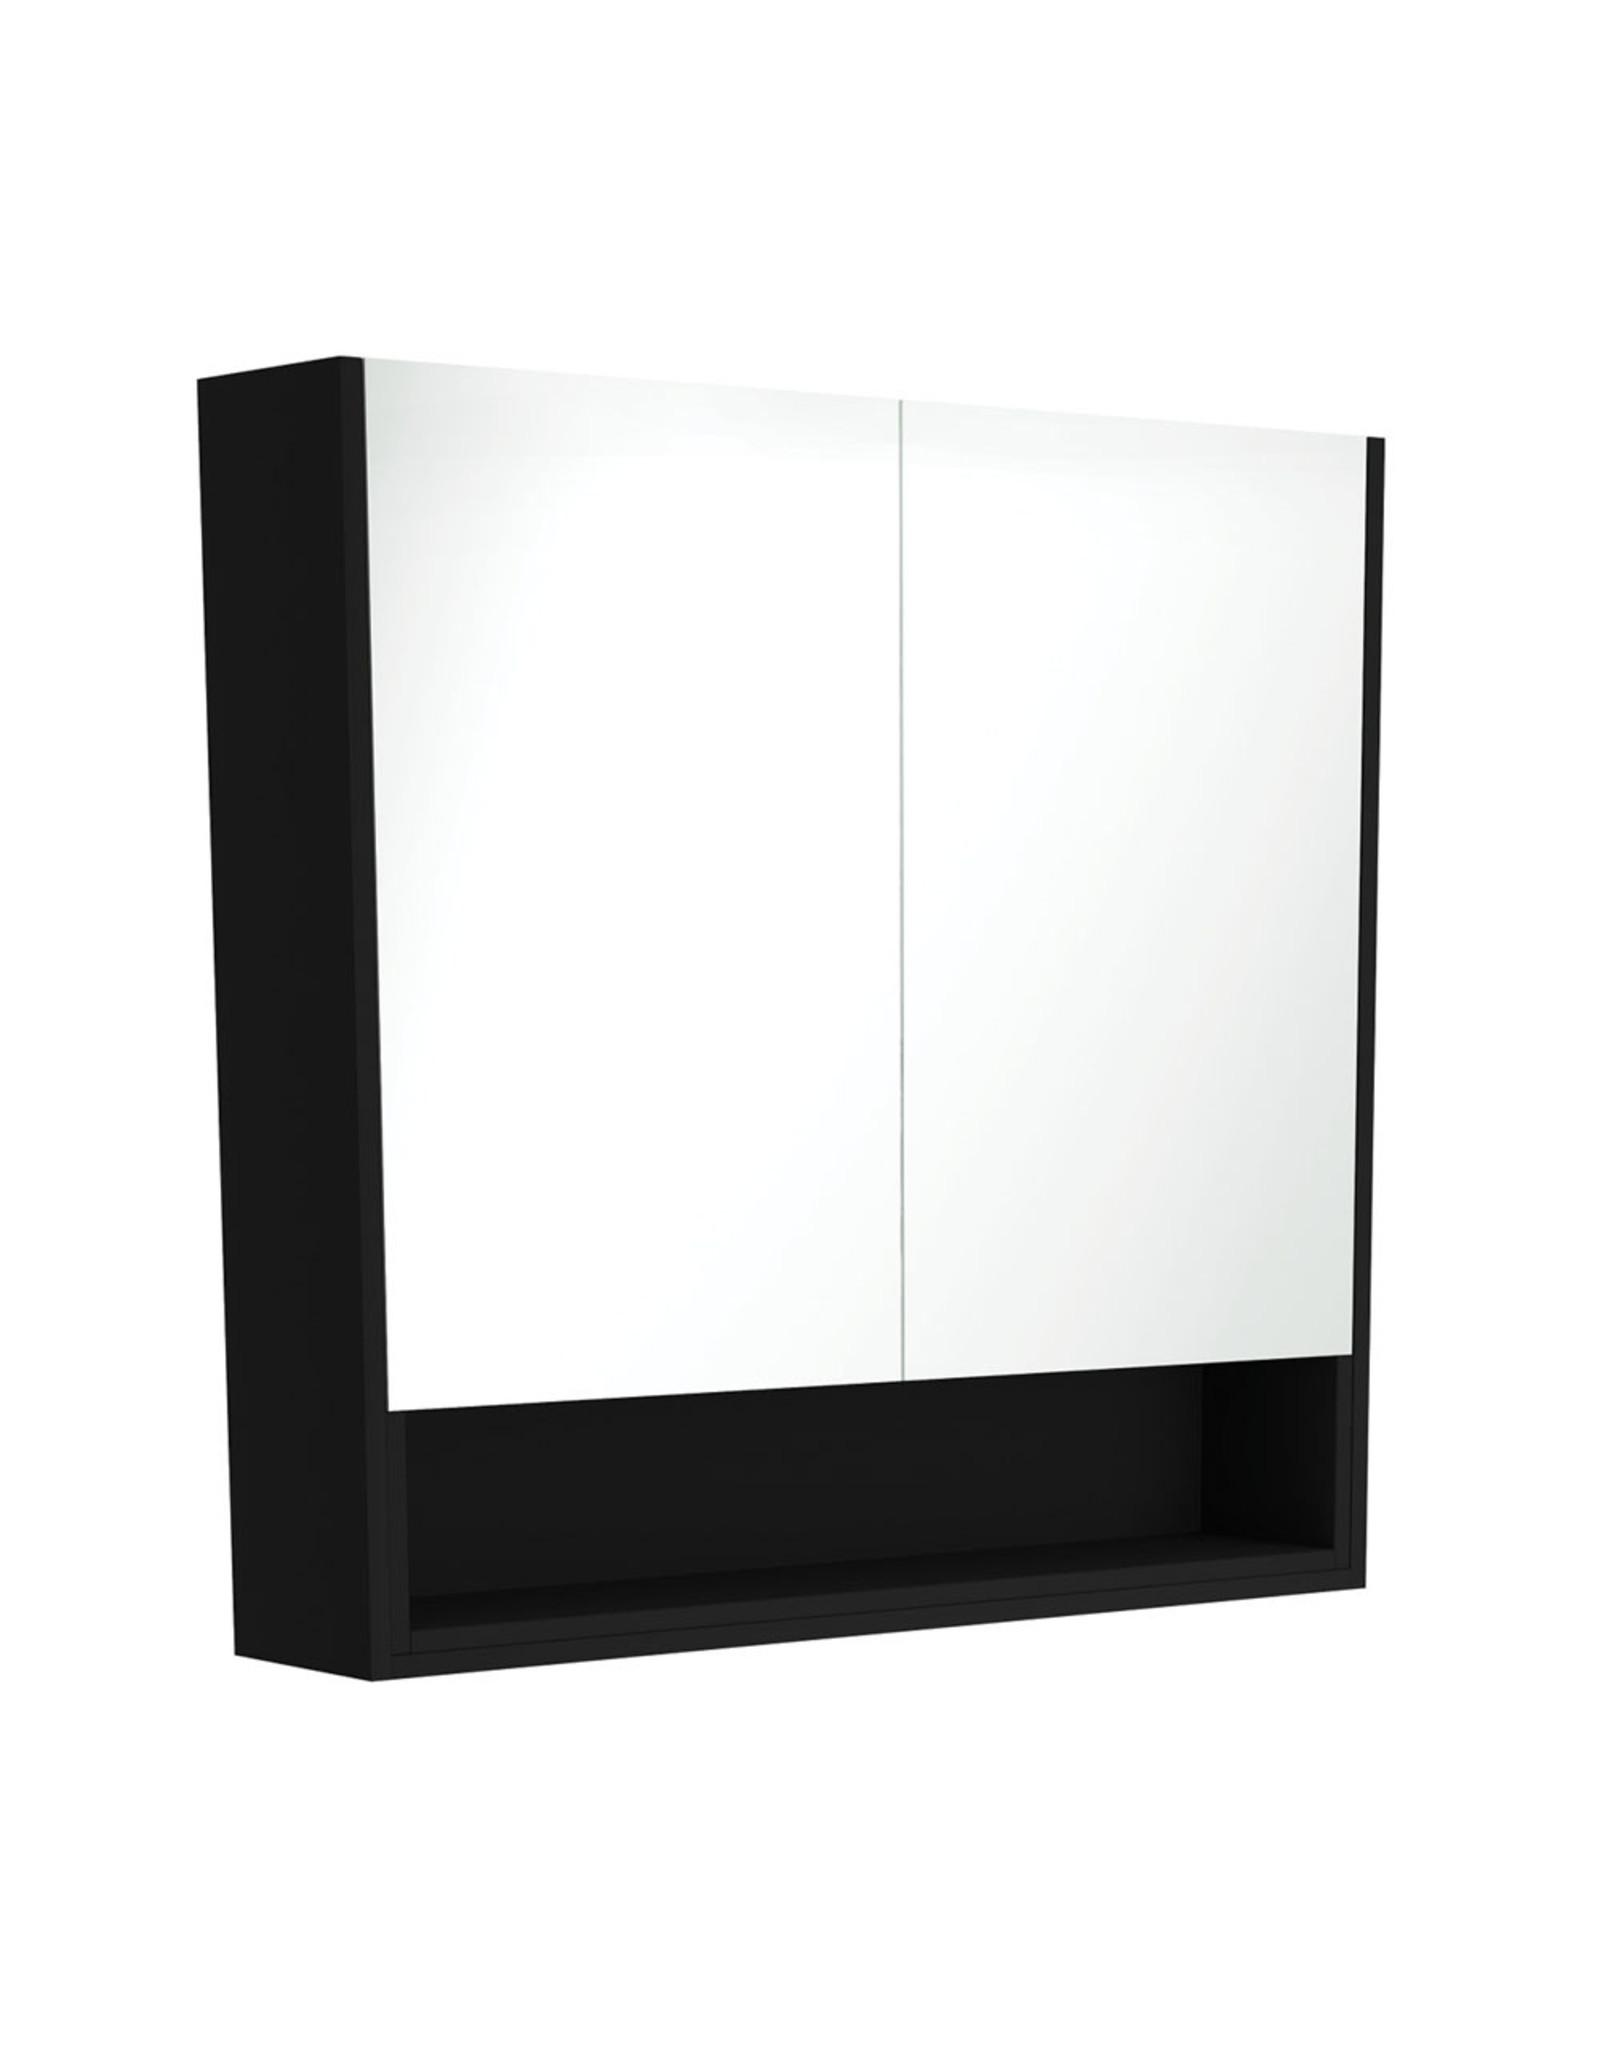 FIENZA  900mm, FIENZA, Matte Black Mirror Cabinet with Undershelf